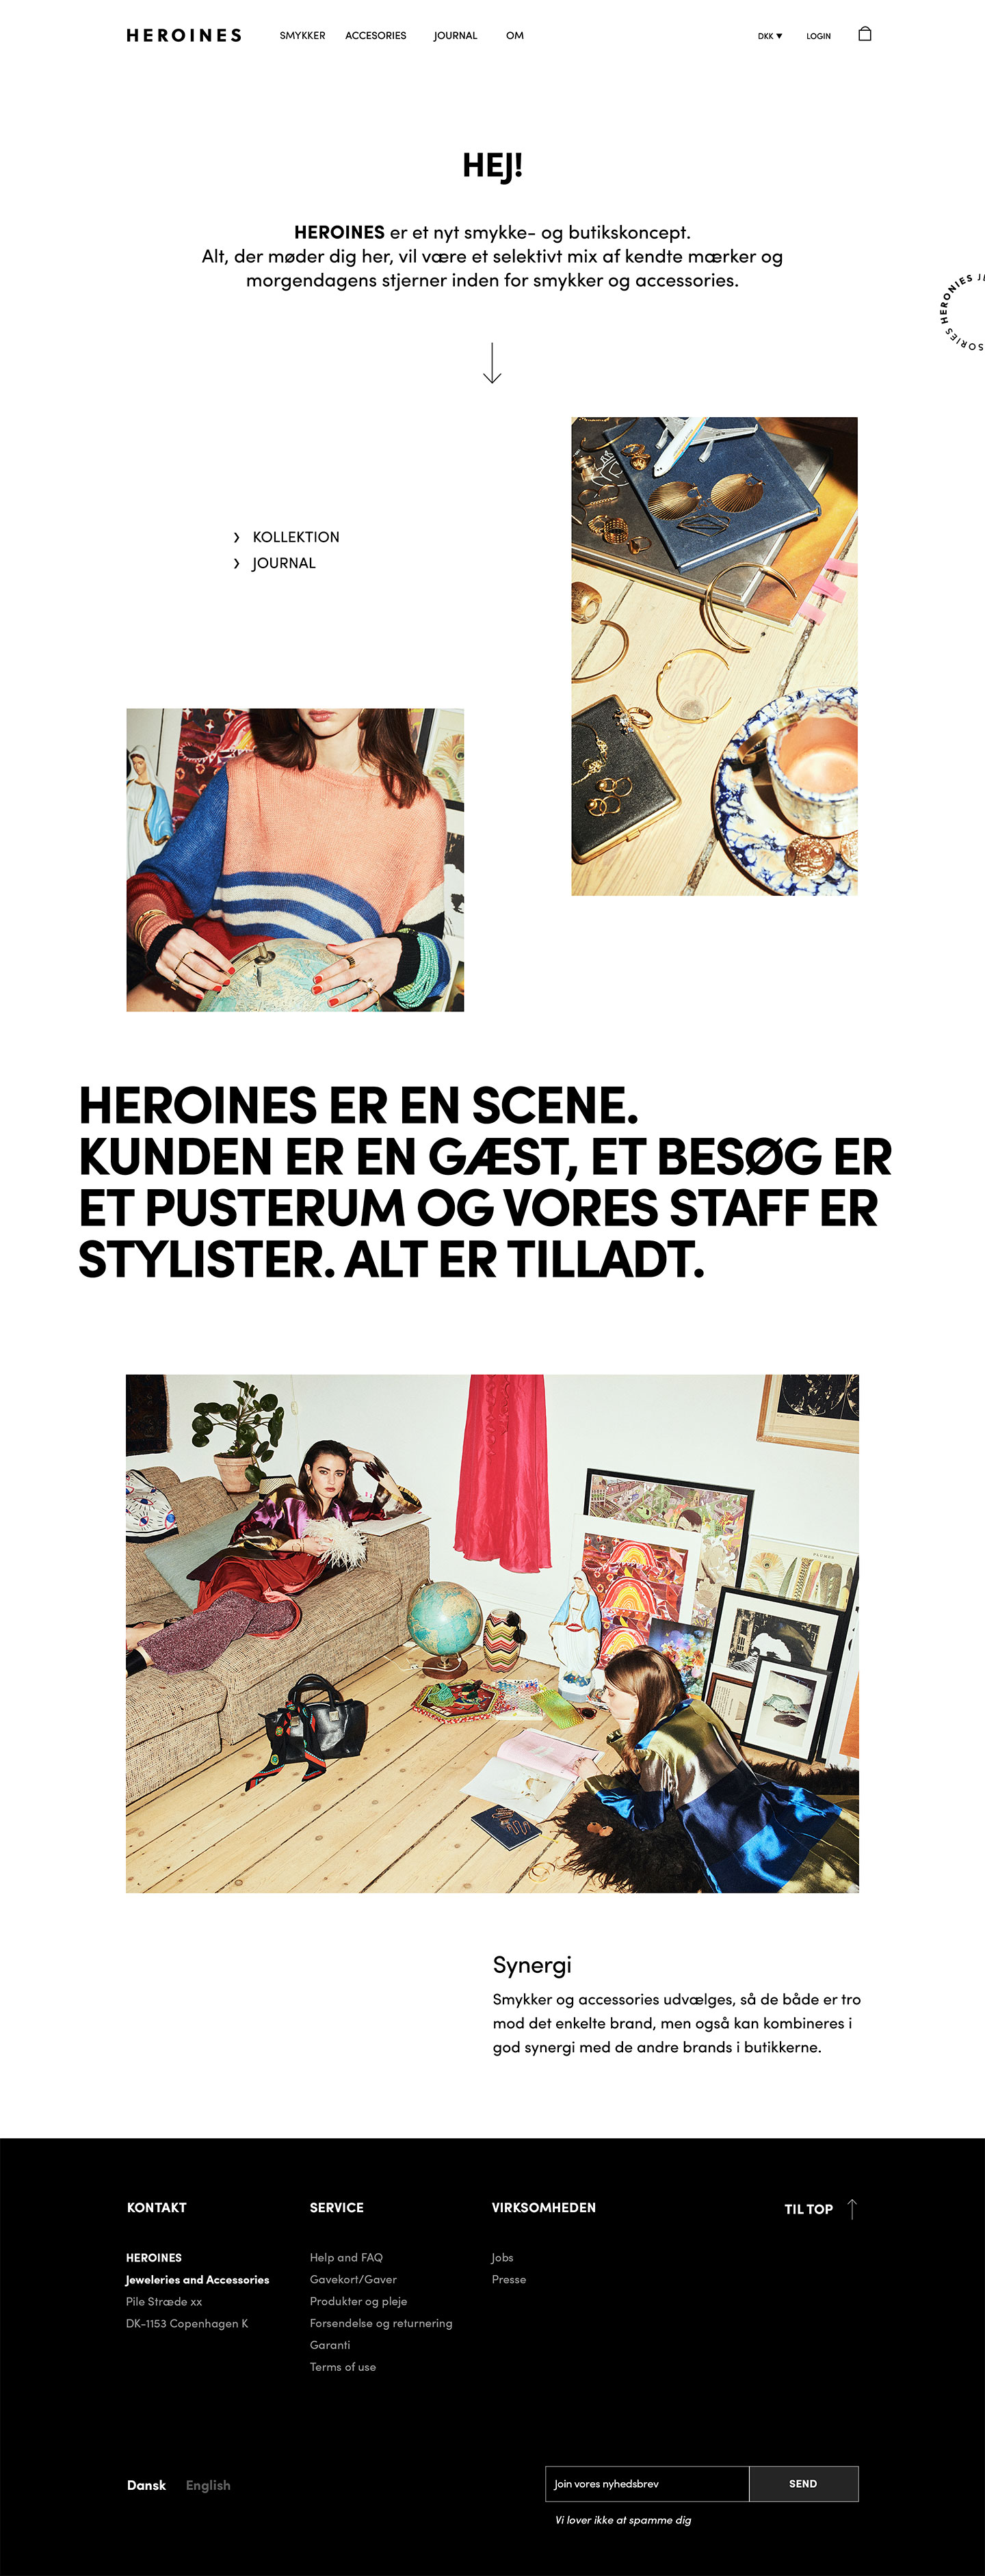 heroines_image2